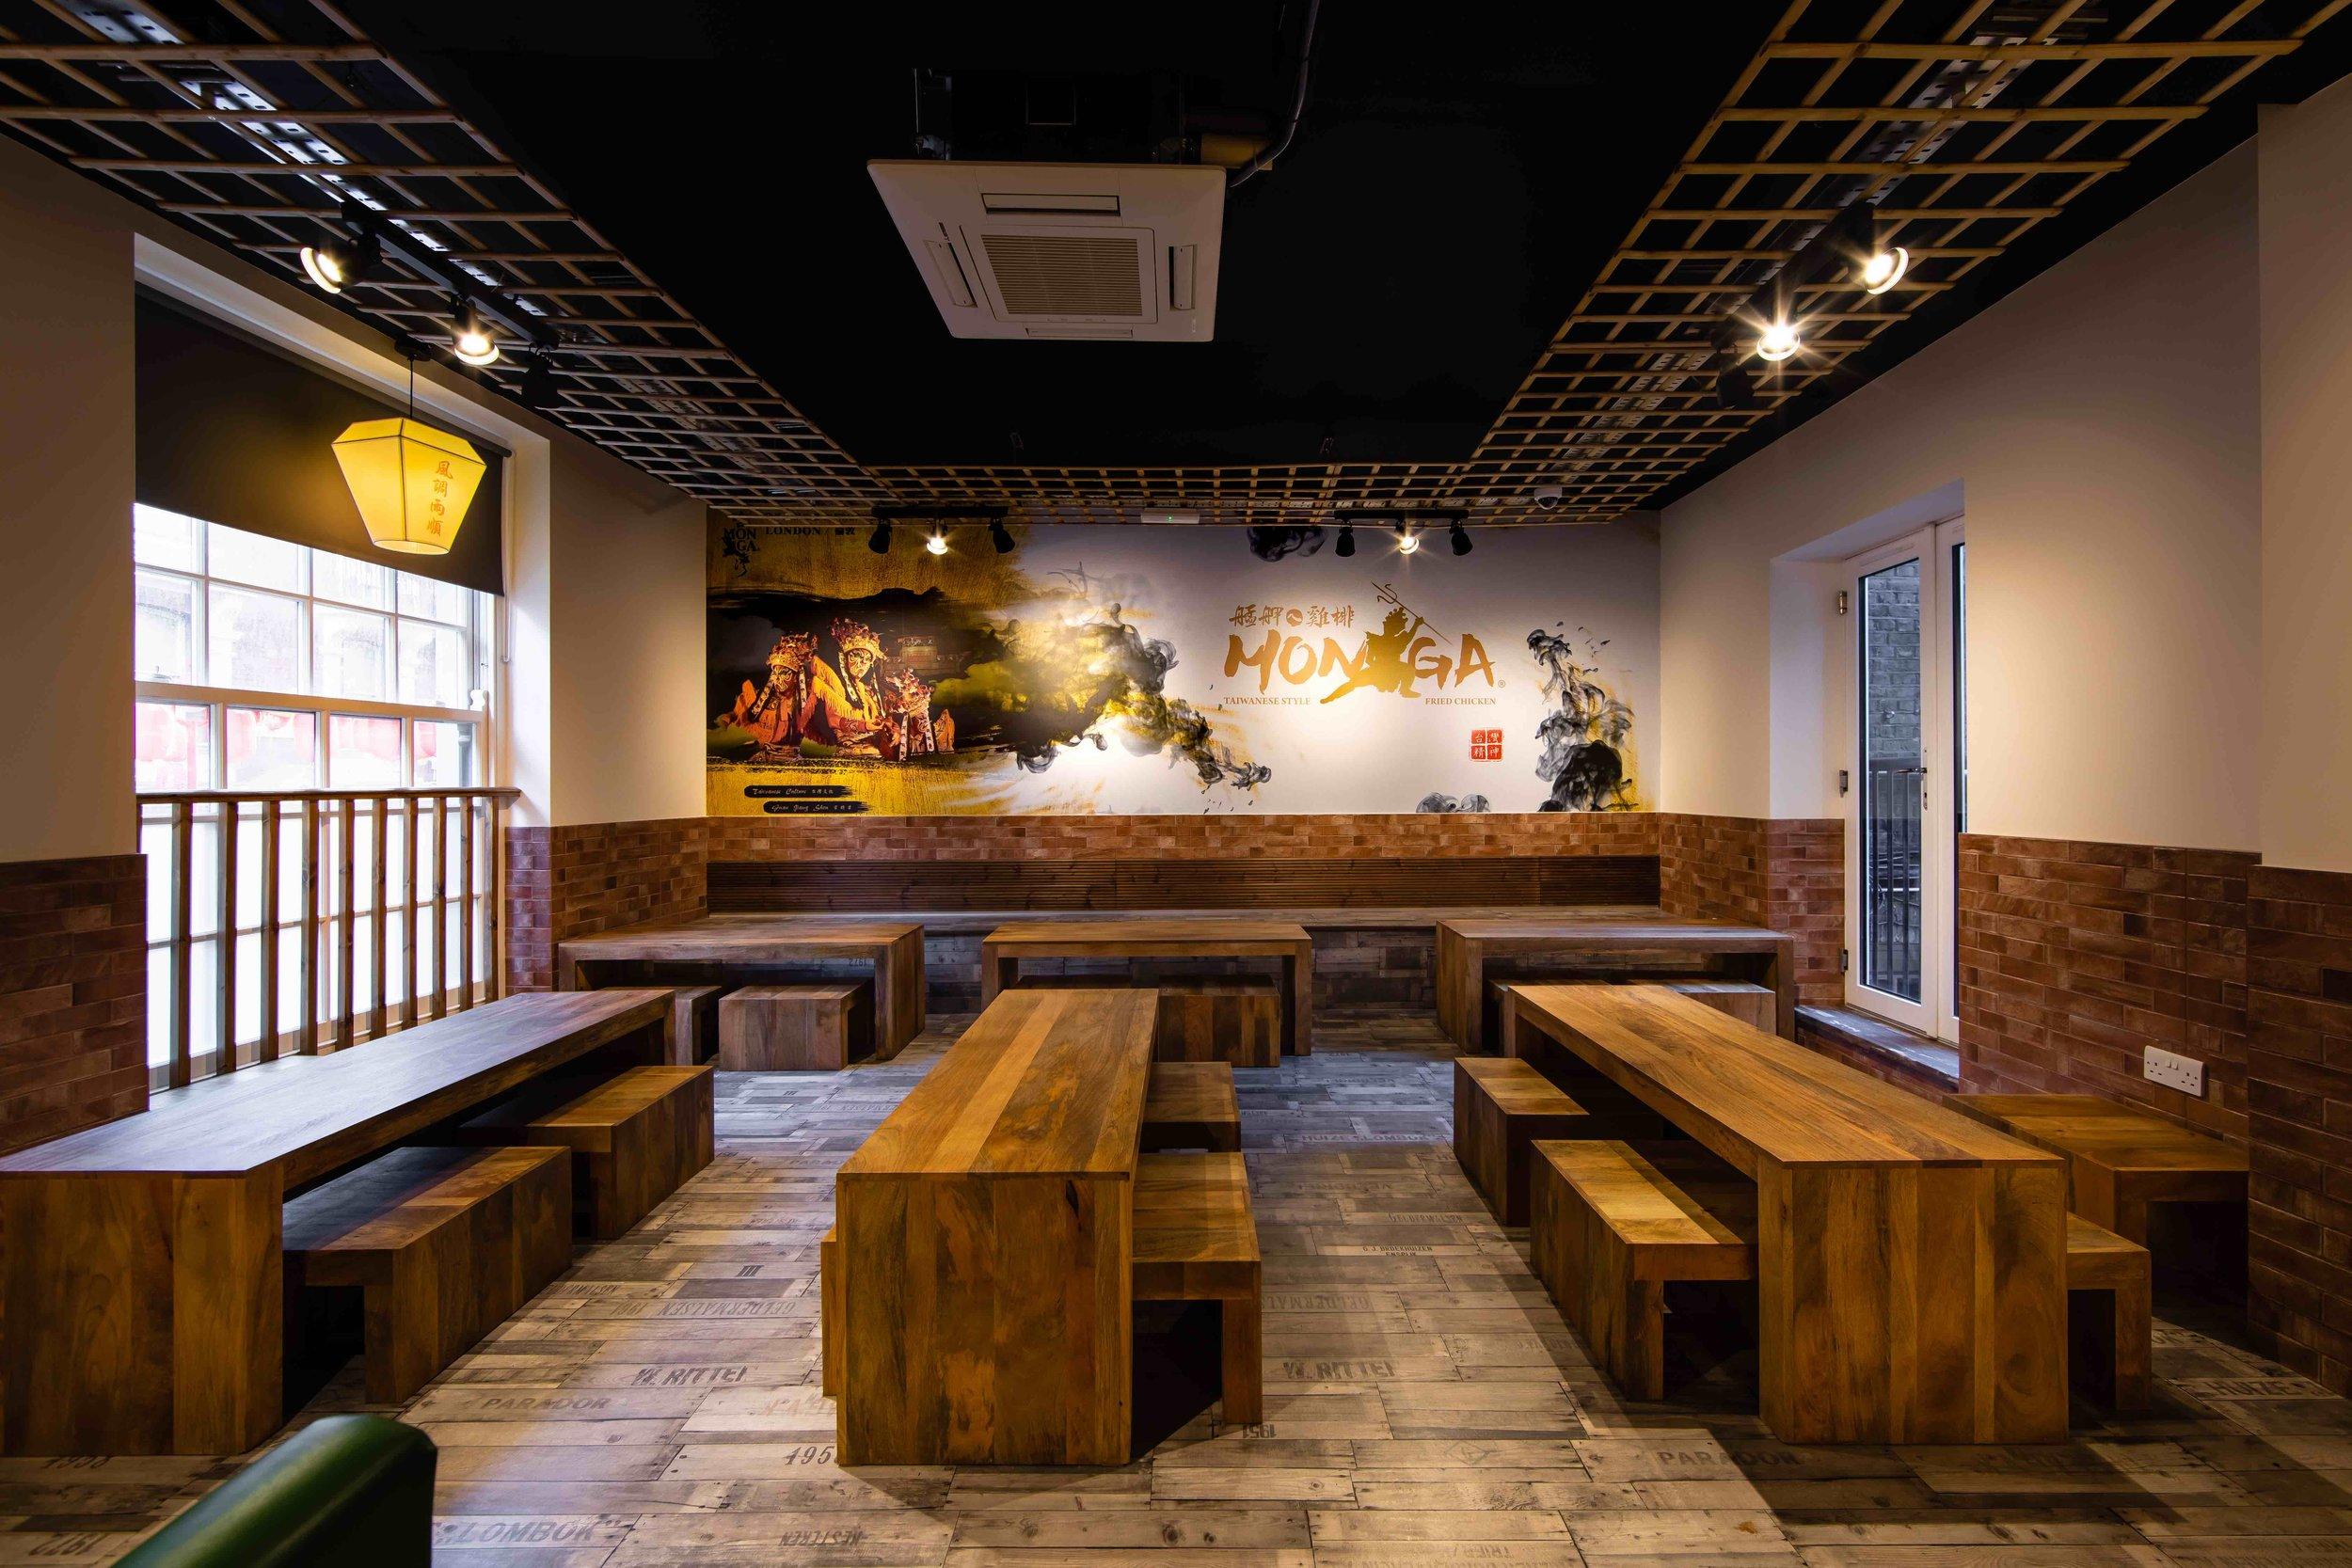 Chinatown_Monga_3.jpg